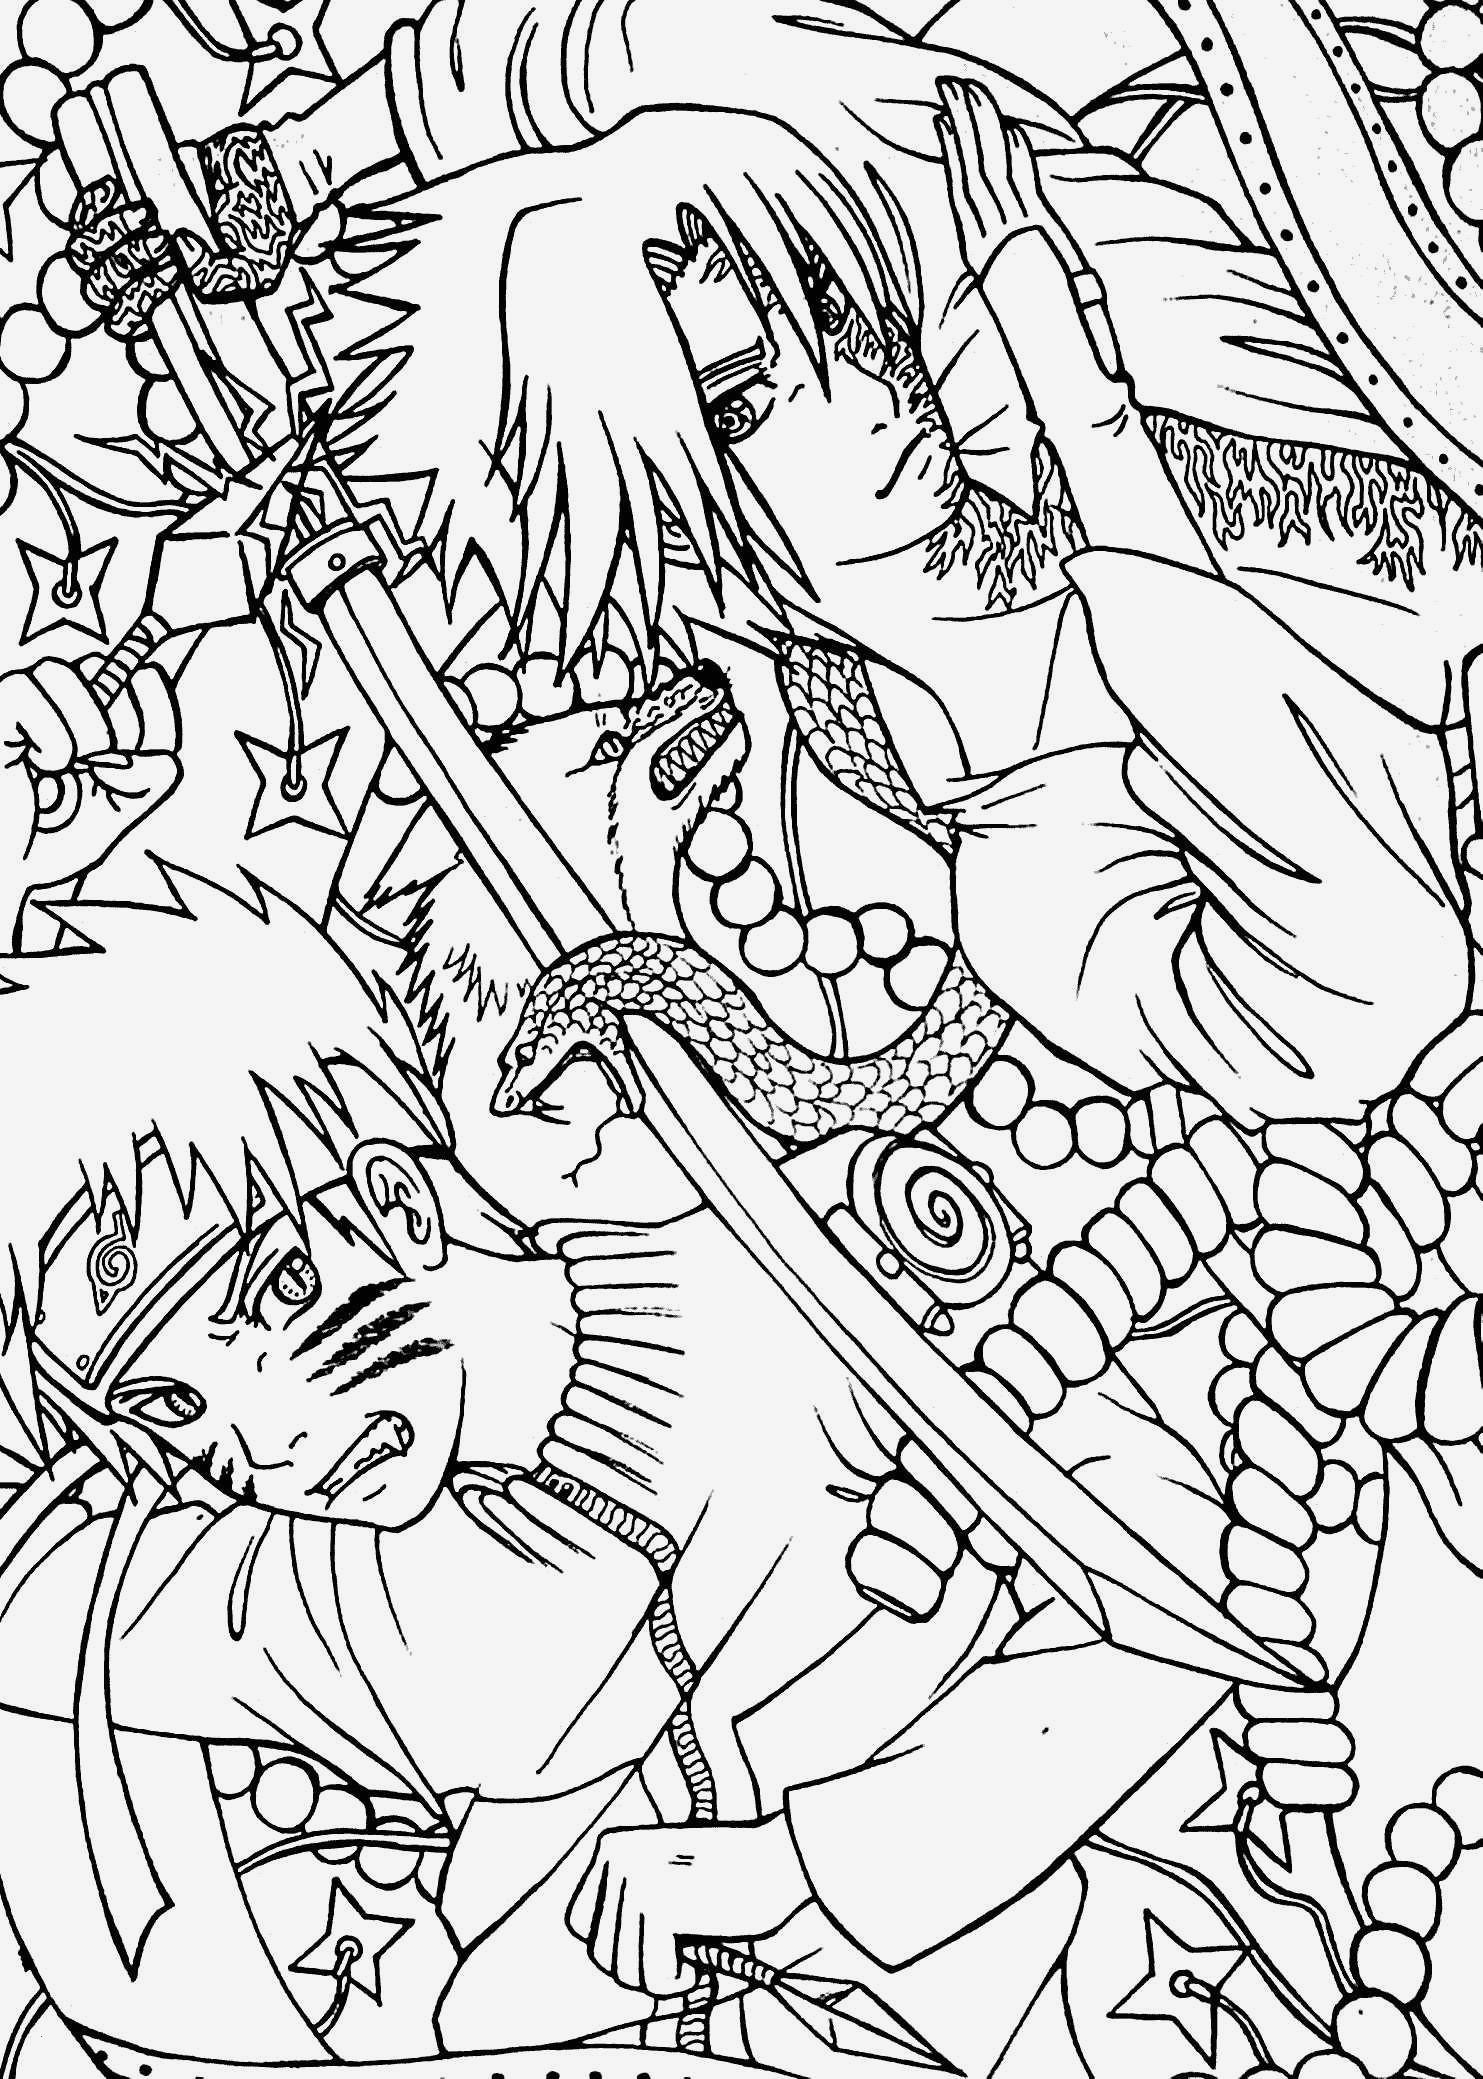 Anime Ausmalbilder Chibi Neu Bilder Zum Ausmalen Bekommen Ausmalbilder Anime Galerie